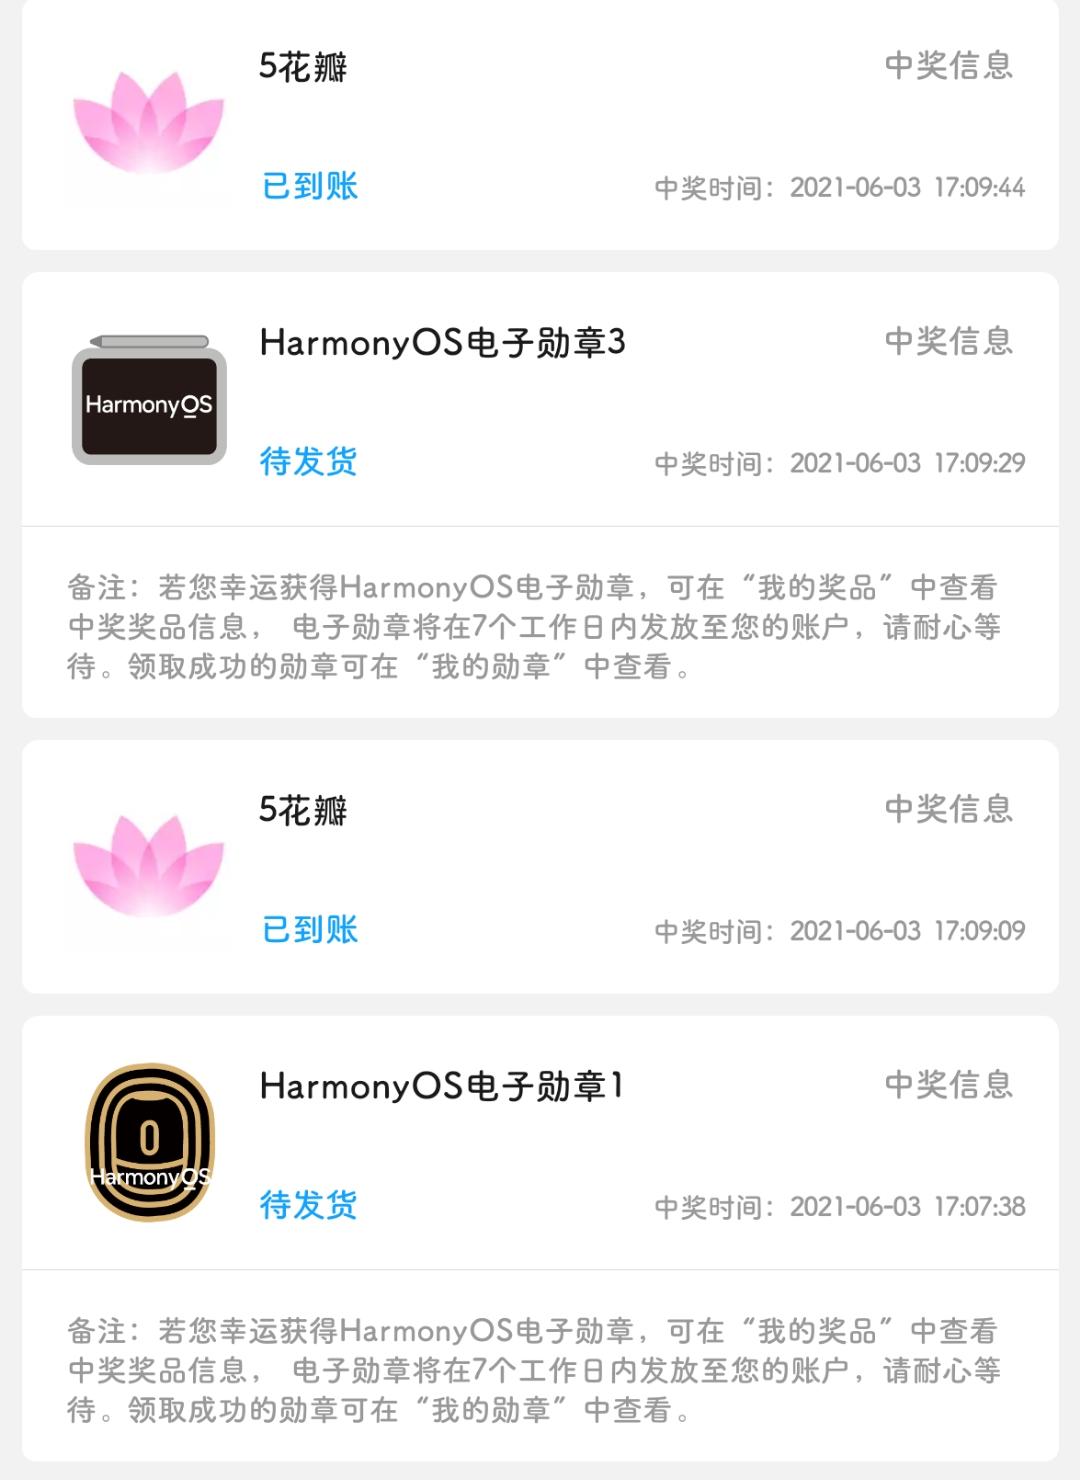 Screenshot_20210603_171018_com.huawei.fans.png